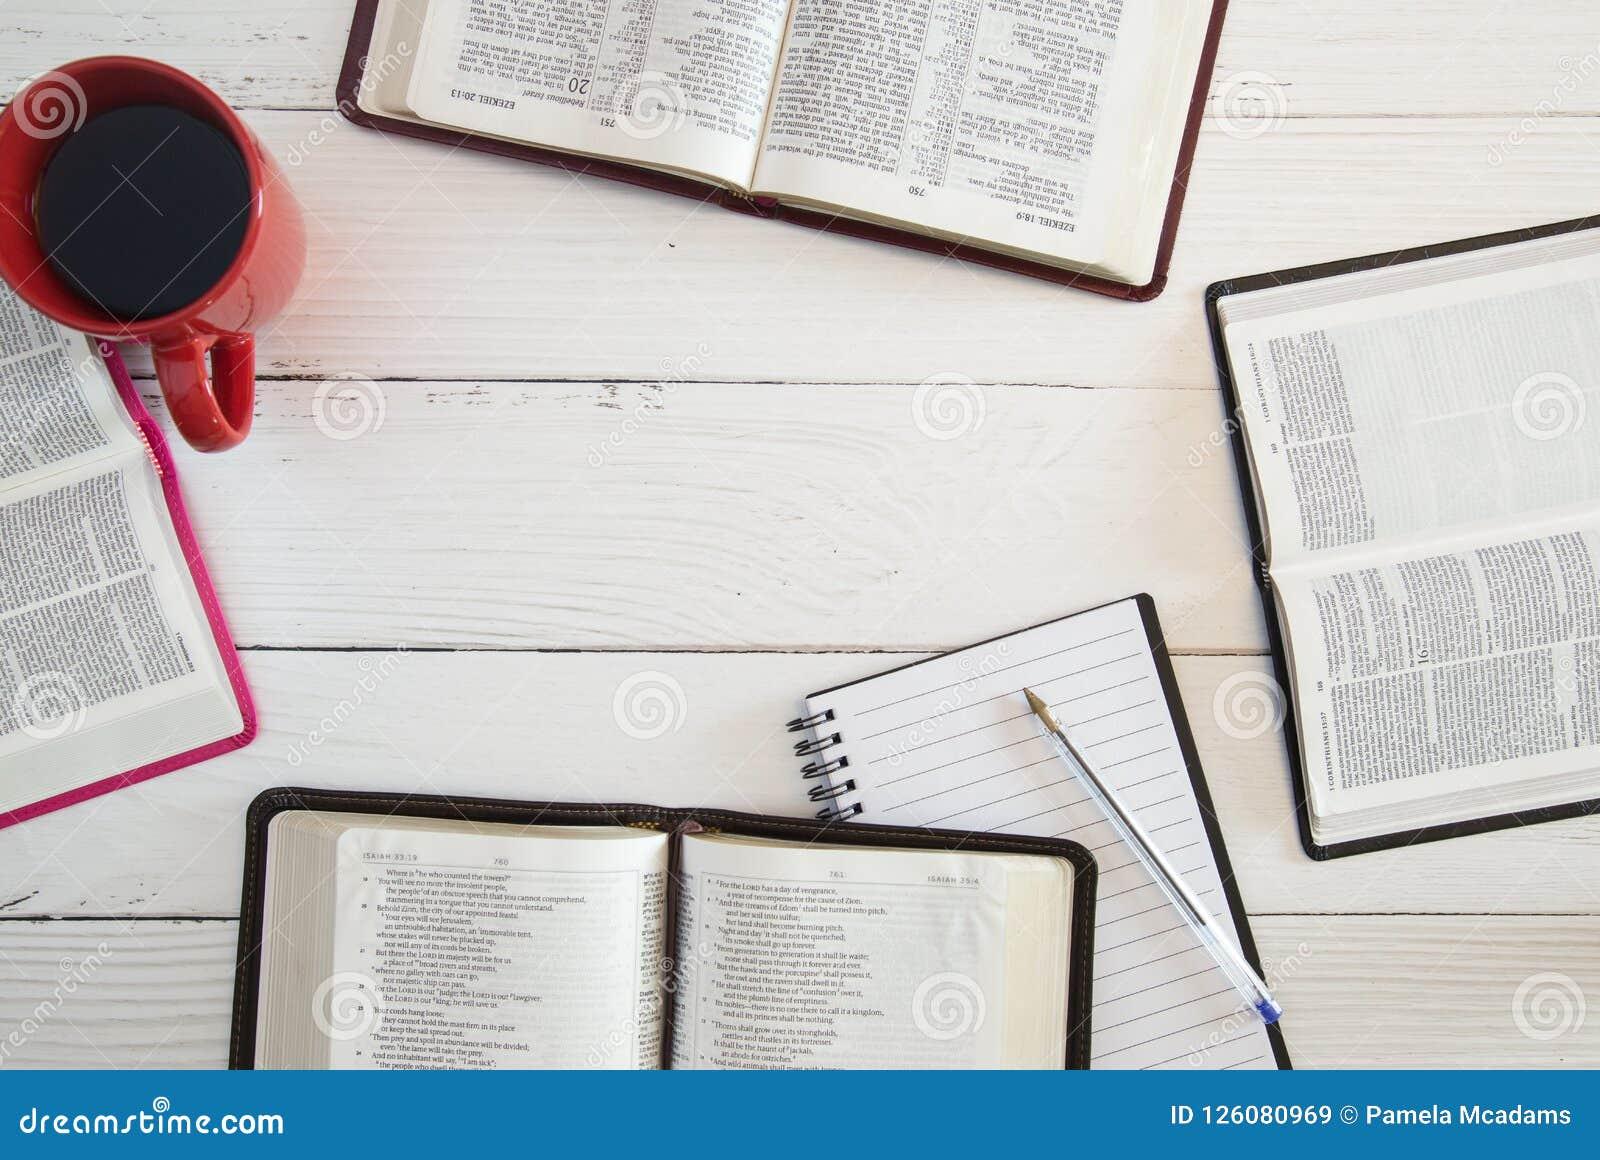 Estudo da Bíblia do grupo